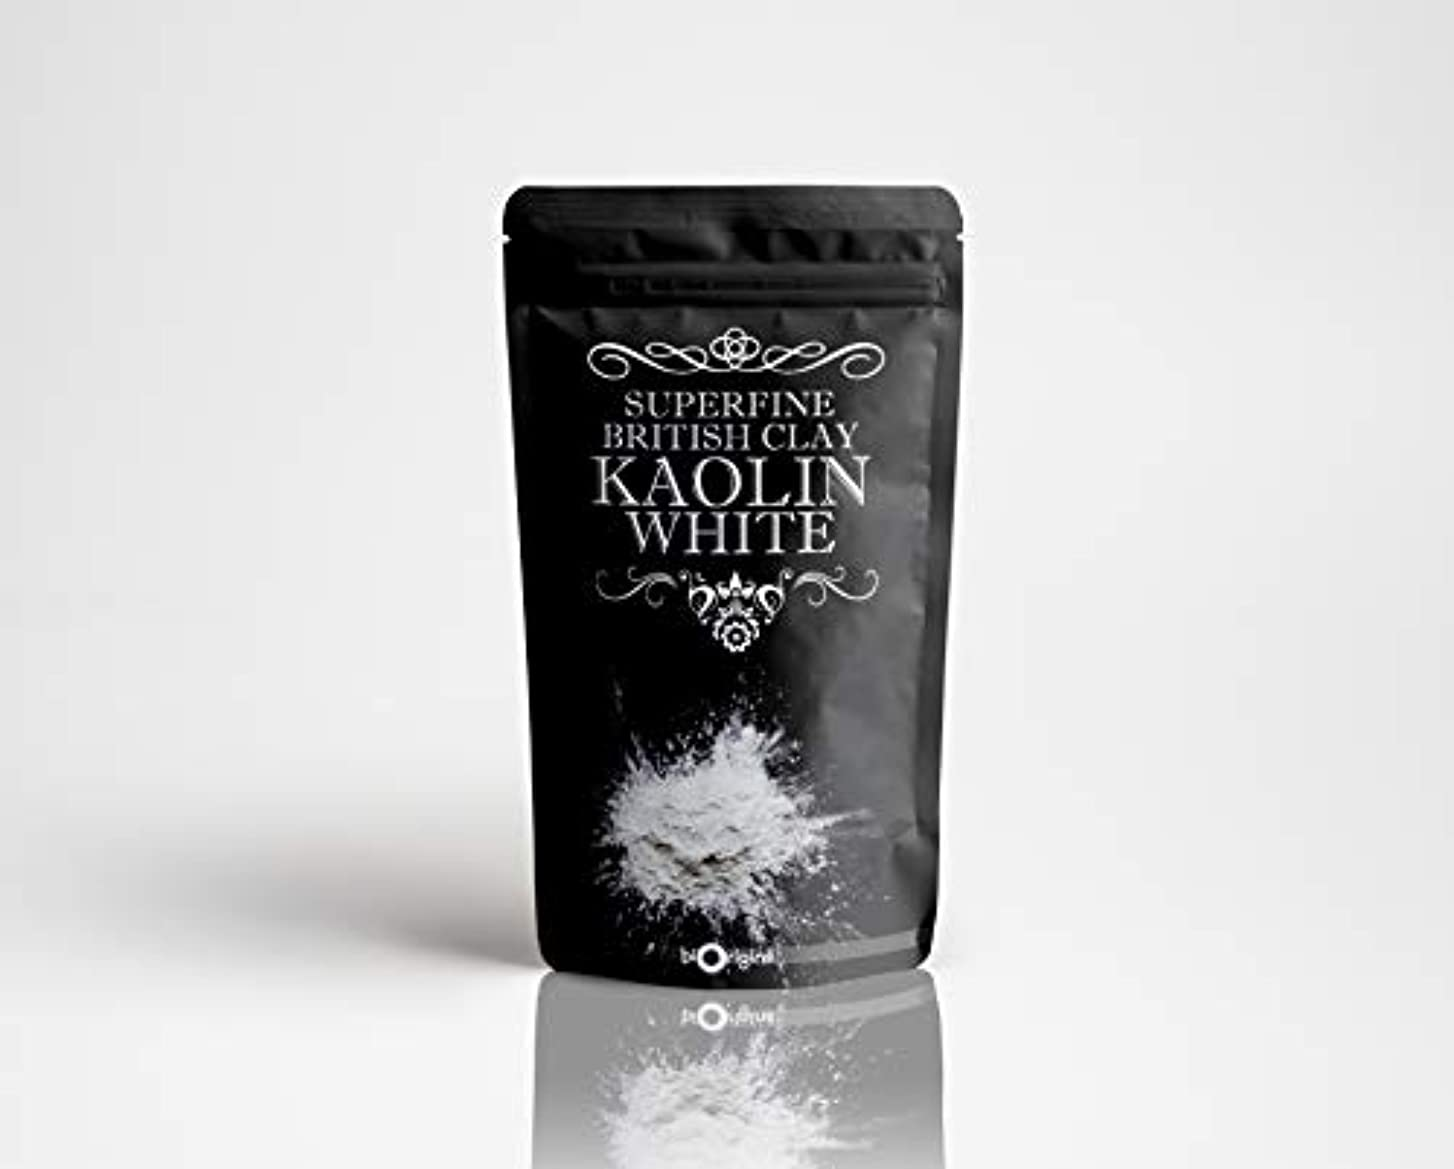 非公式過度の解決するKaolin White Superfine British Clay - 100g